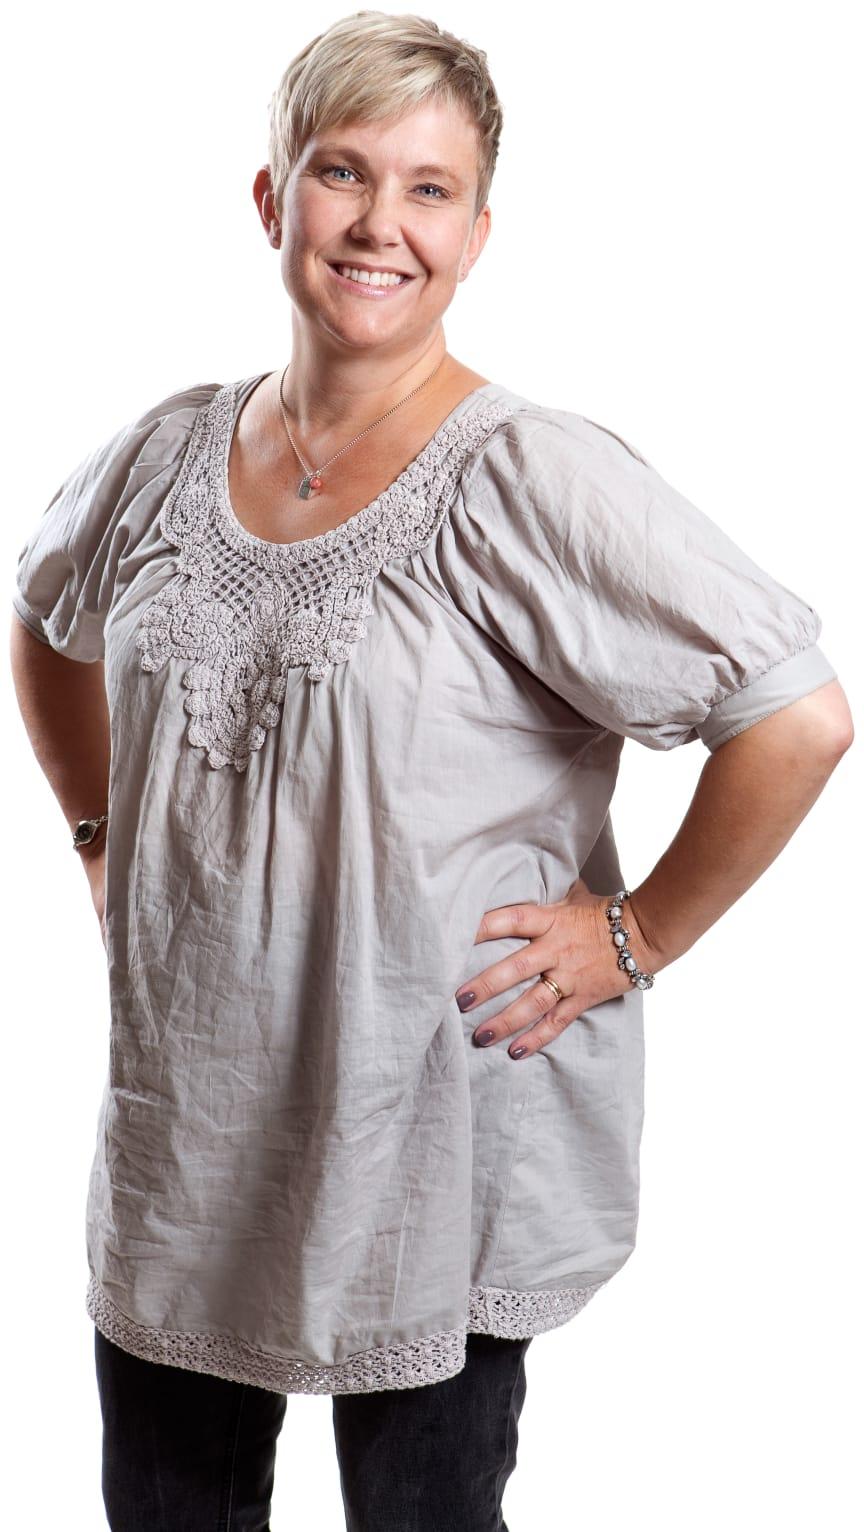 Yvonne Brinck, Fackområdesexpert Anläggning